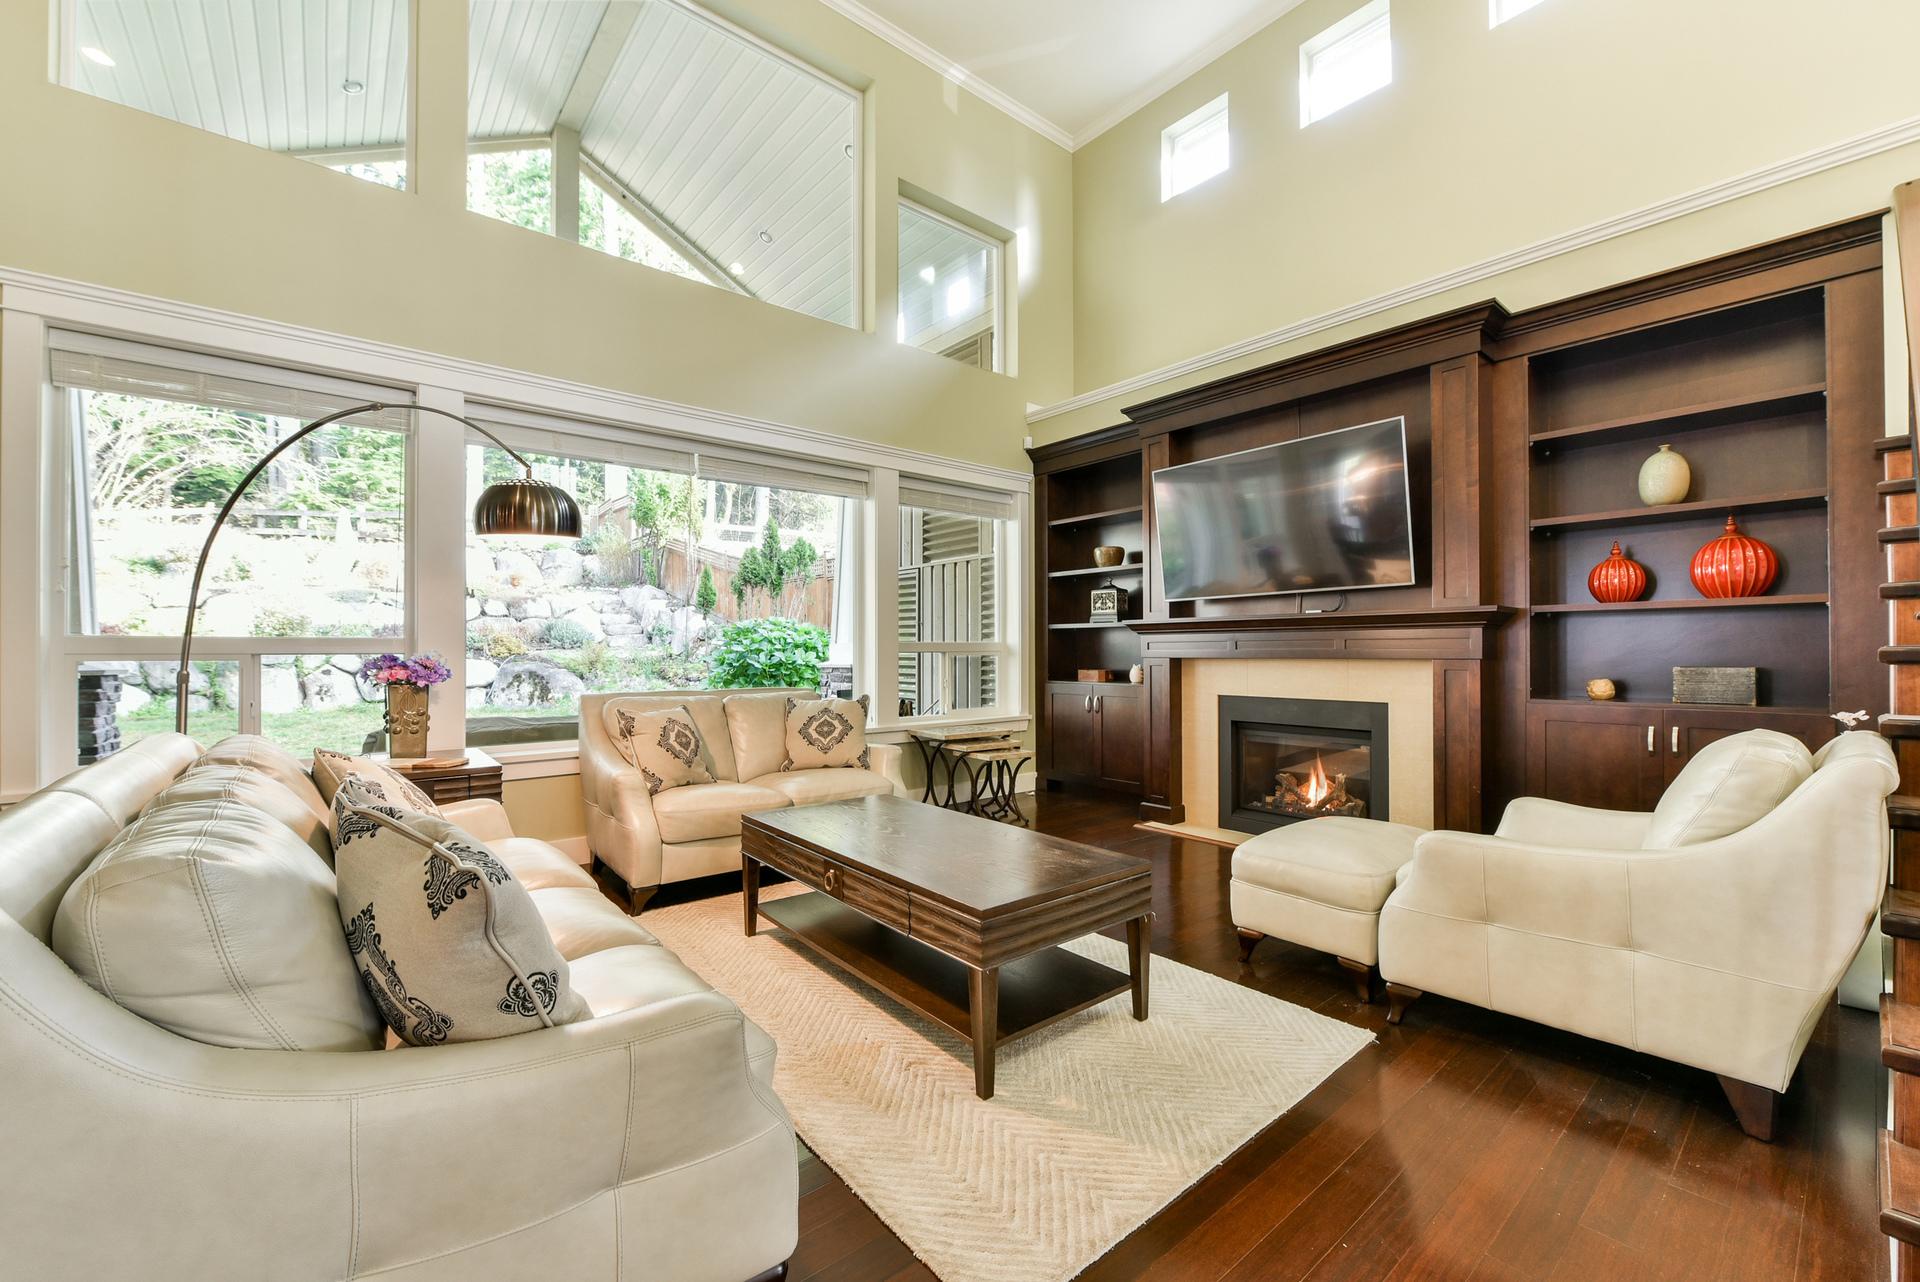 3355-scotch-pine-avenue-coquitlam-14 at 3355 Scotch Pine Avenue, Burke Mountain, Coquitlam